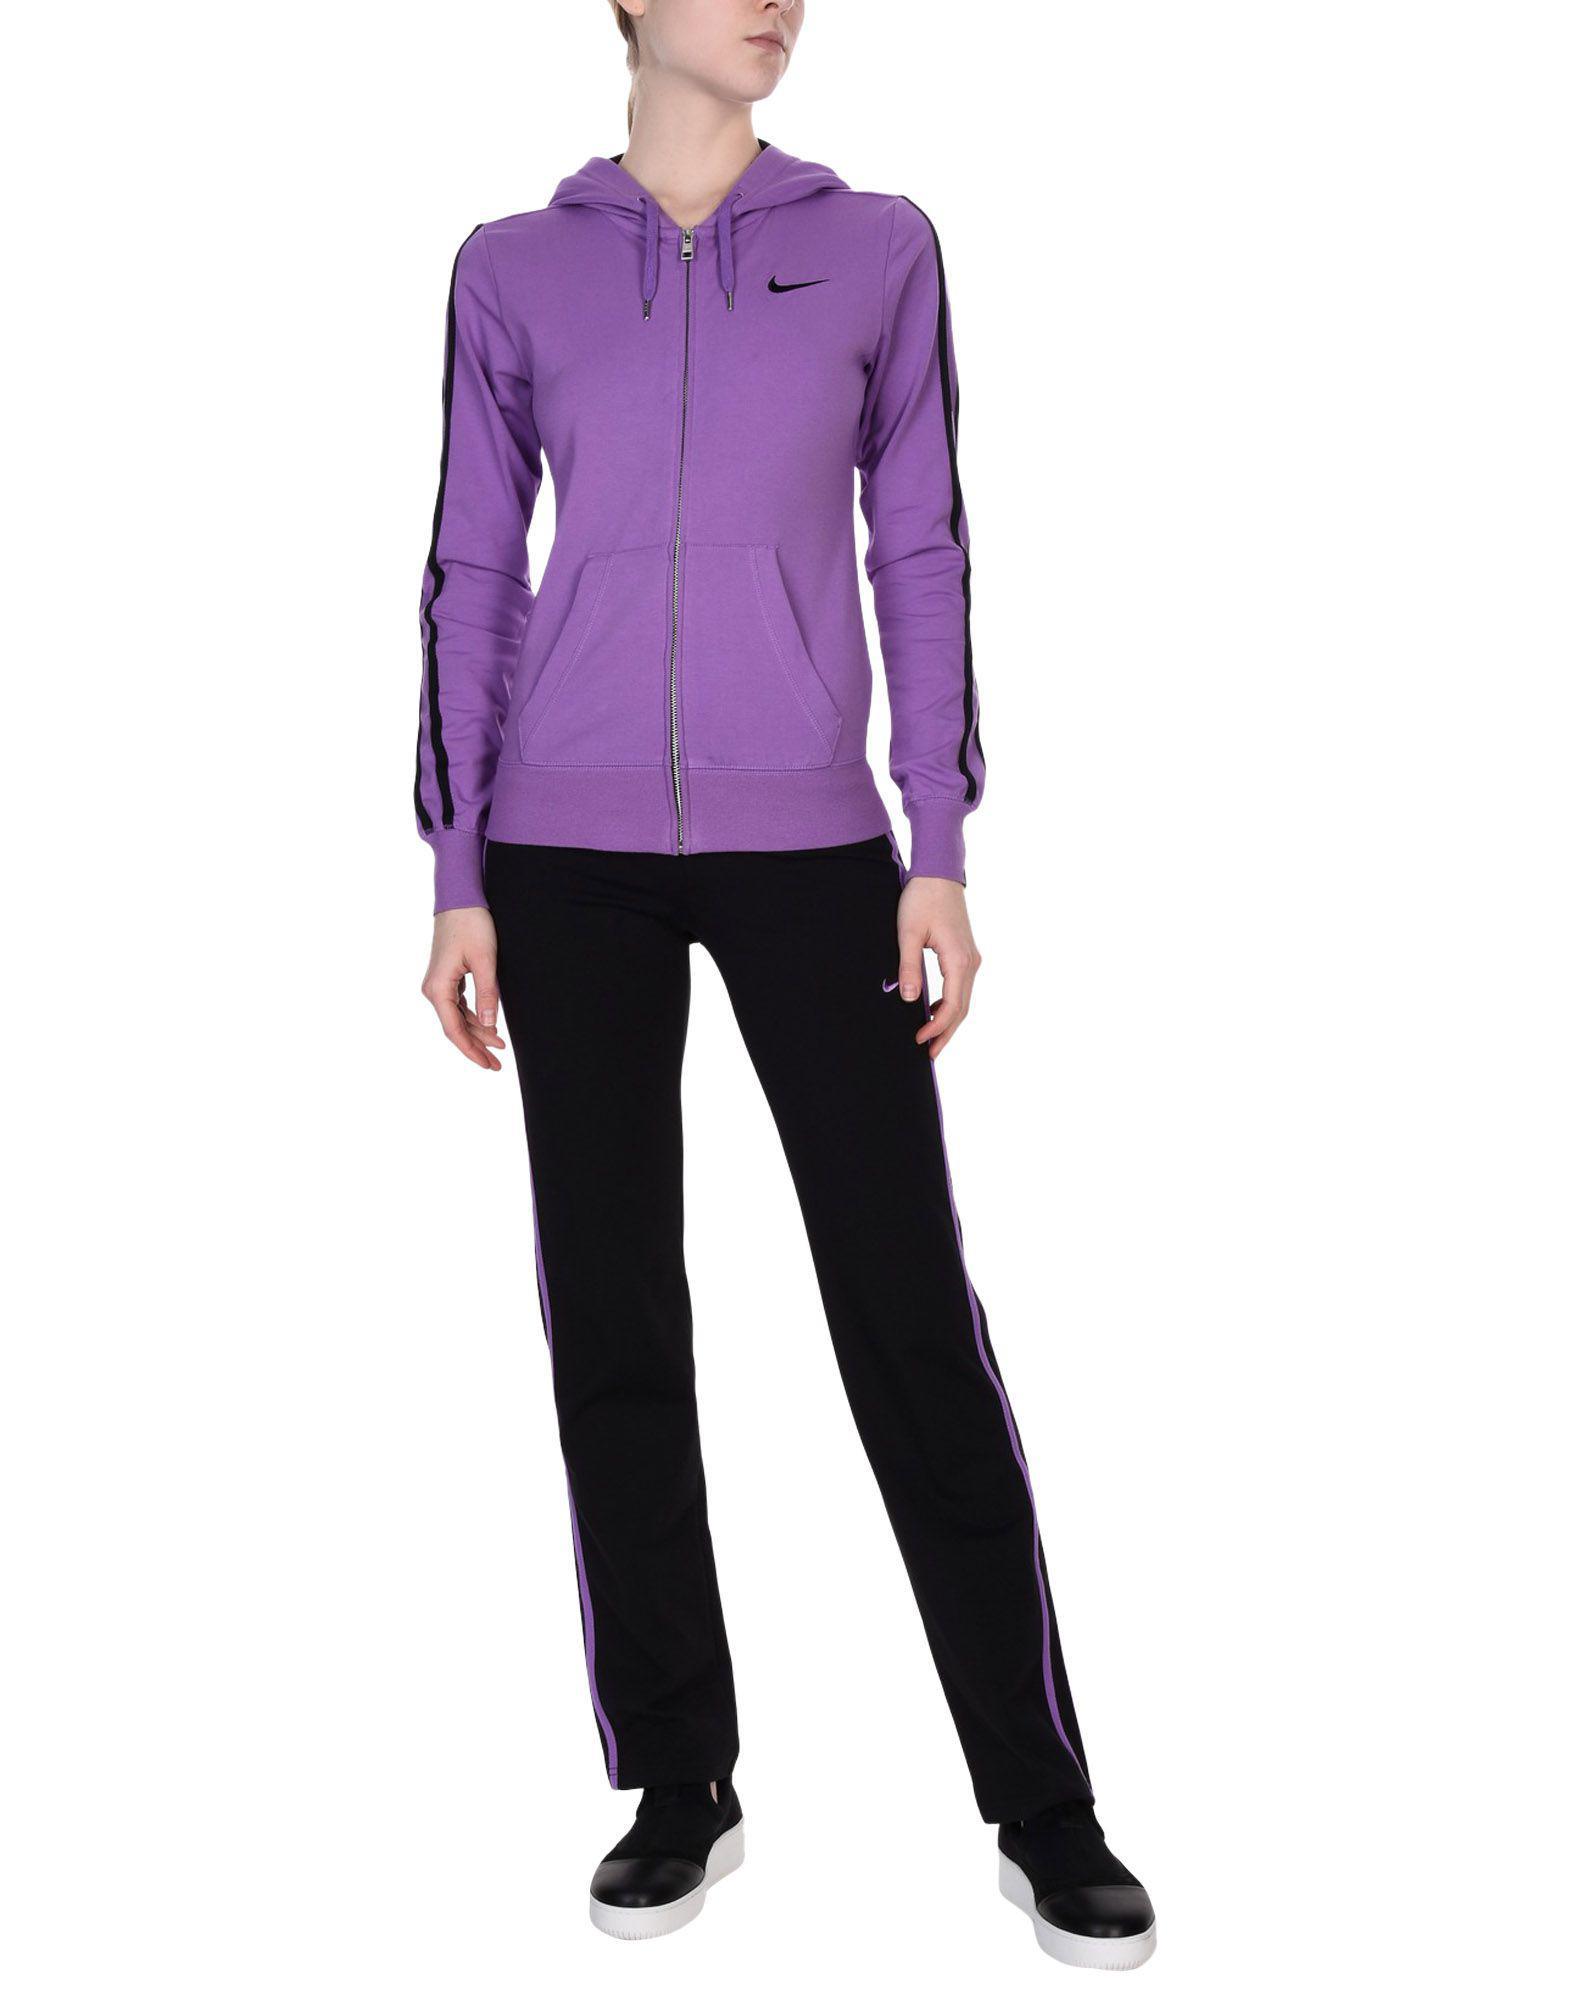 exclusive range check out new specials Survêtement en molleton Coton Nike en coloris Violet - Lyst